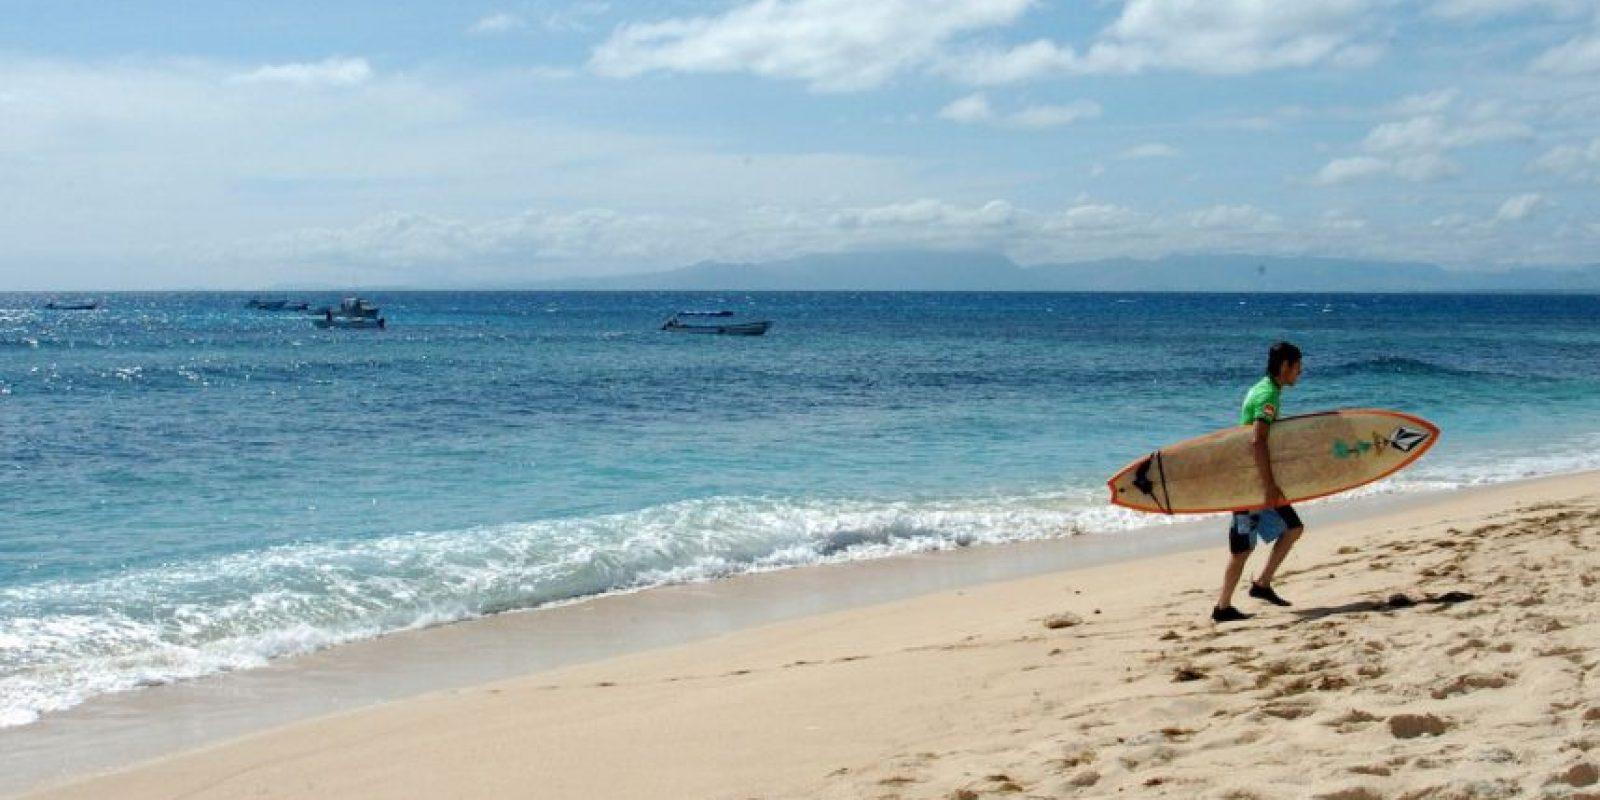 """""""Lo mismo pasa con Fiji. Todo el mundo va a los centros turísticos que están en buenas islas. La capital es una auténtica cochambre"""", sostuvo el usuario Hail_Bokonom. Asimismo, el usuario Nickschluter dijo que es una """"hermosa isla, pero Port Louis es un basurero enorme"""". Foto:Getty"""